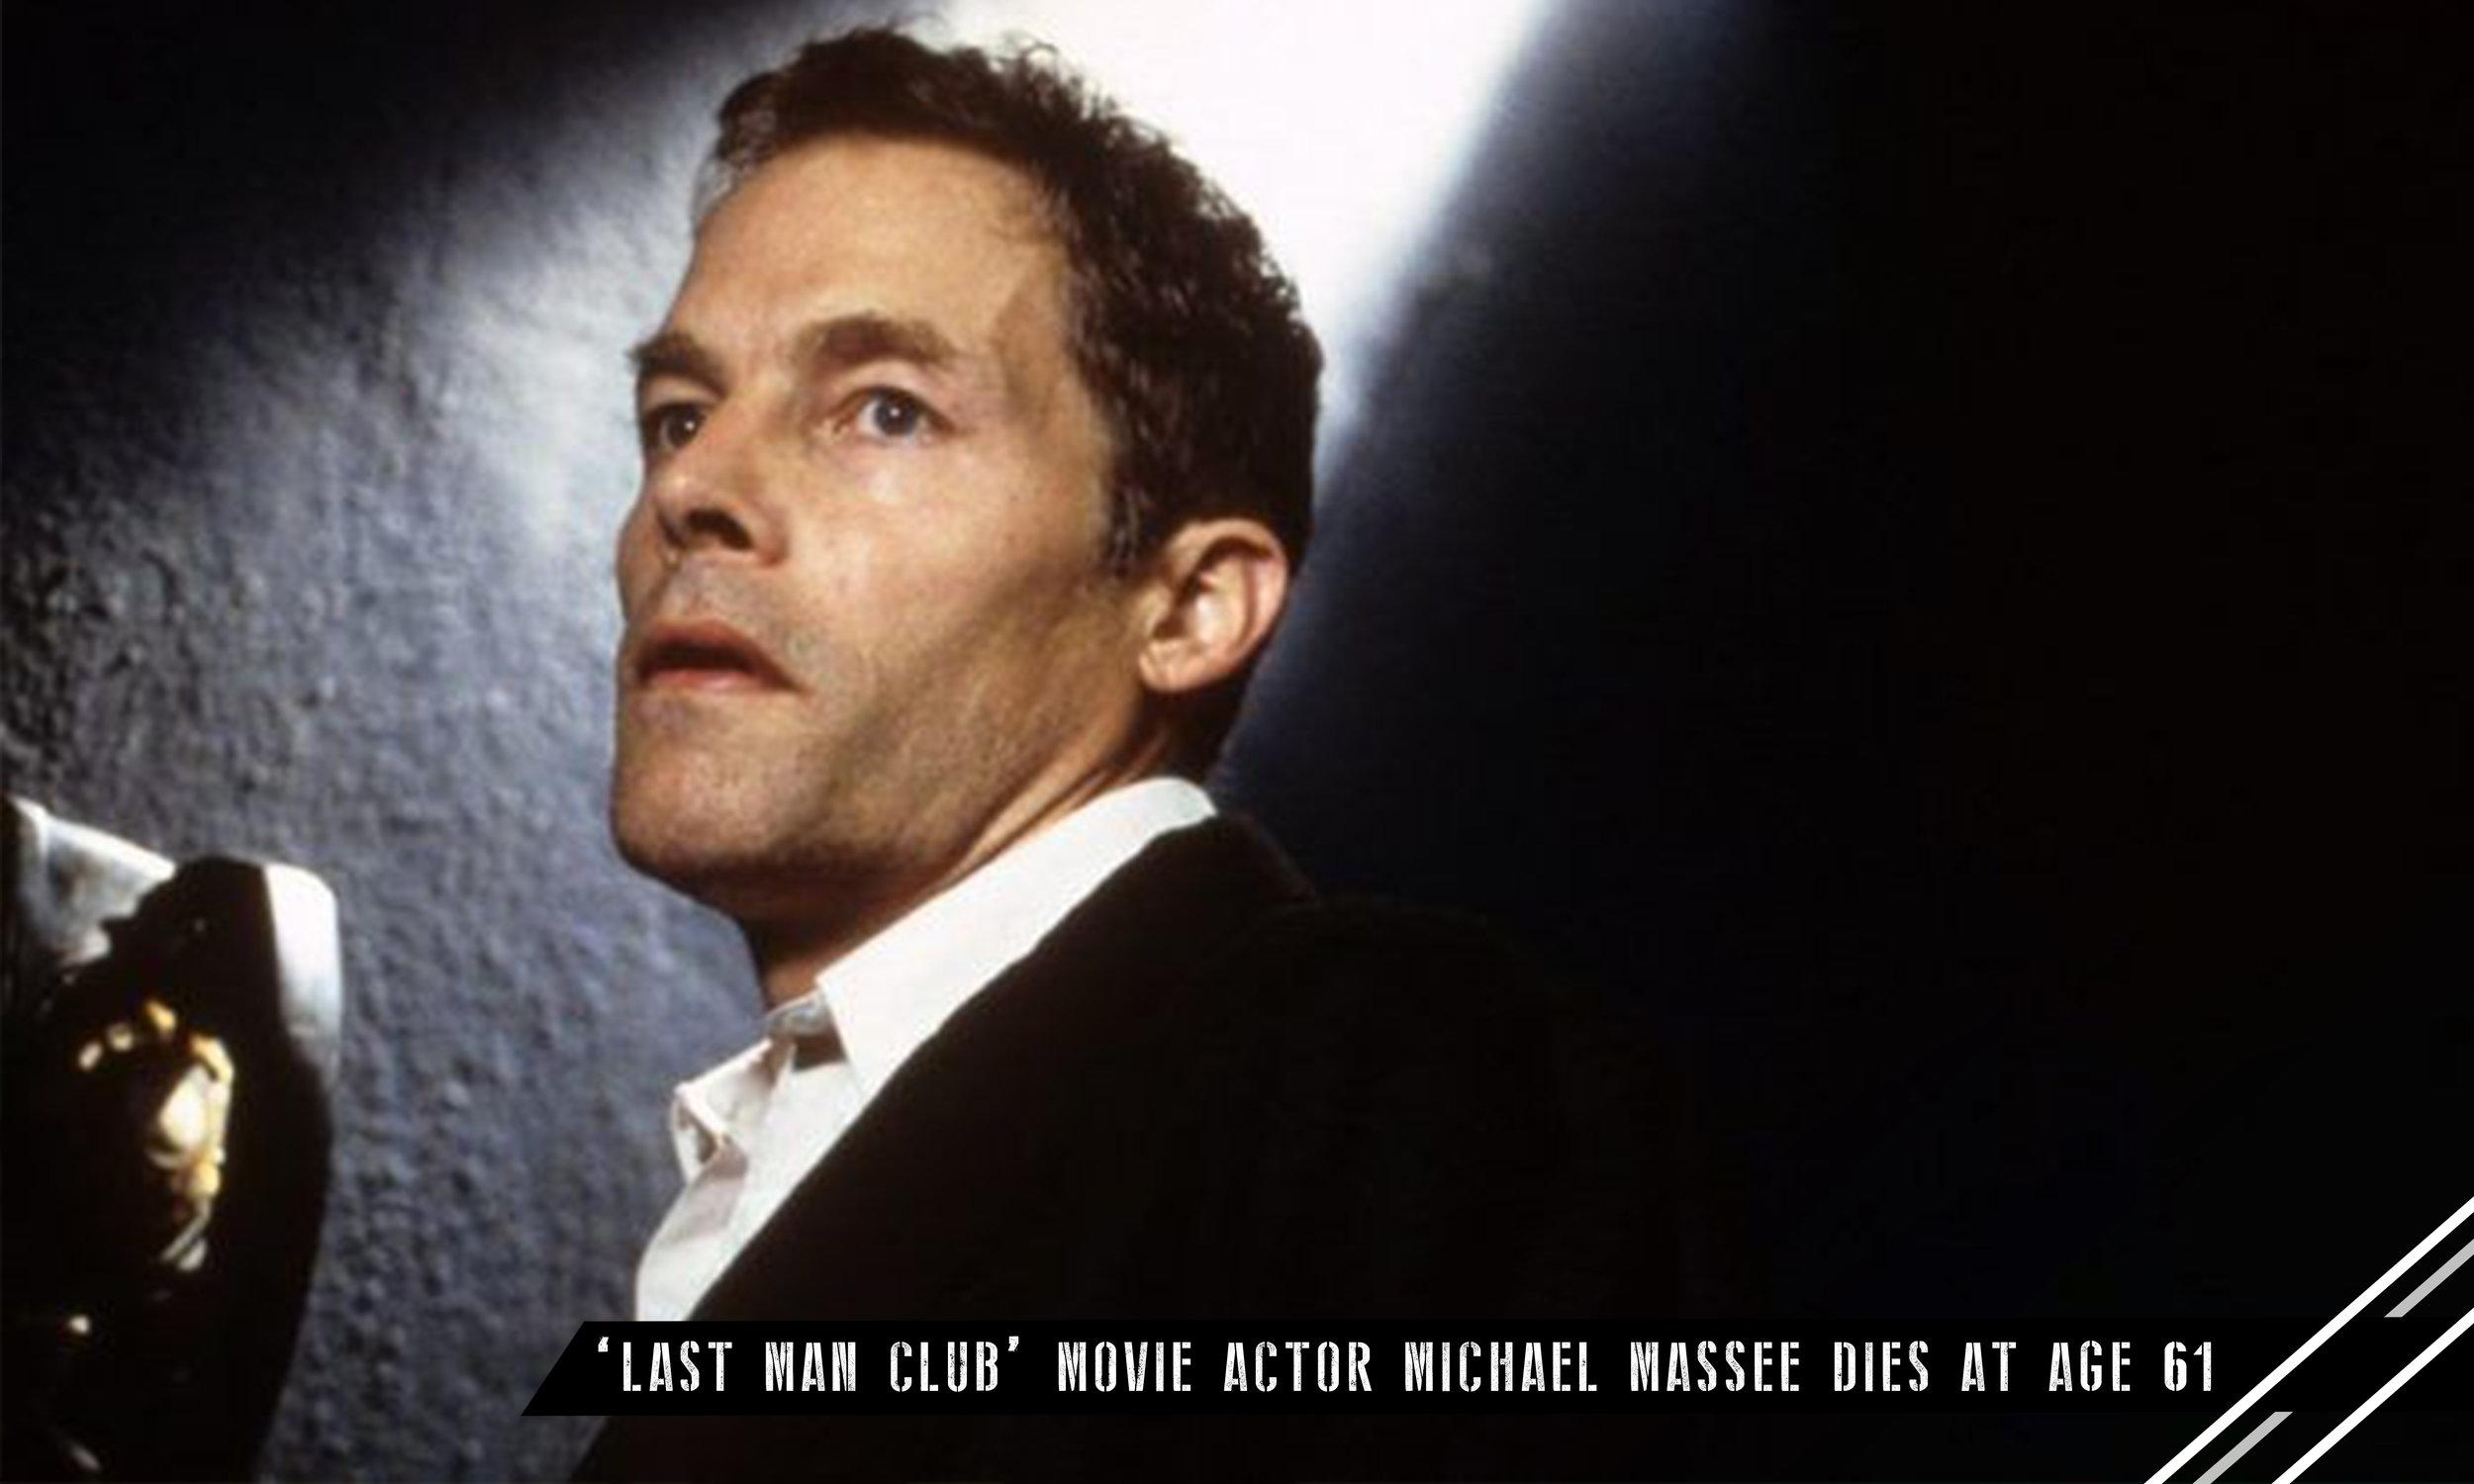 Last Man Club Movie Actor Michael Massee Dies At 61.